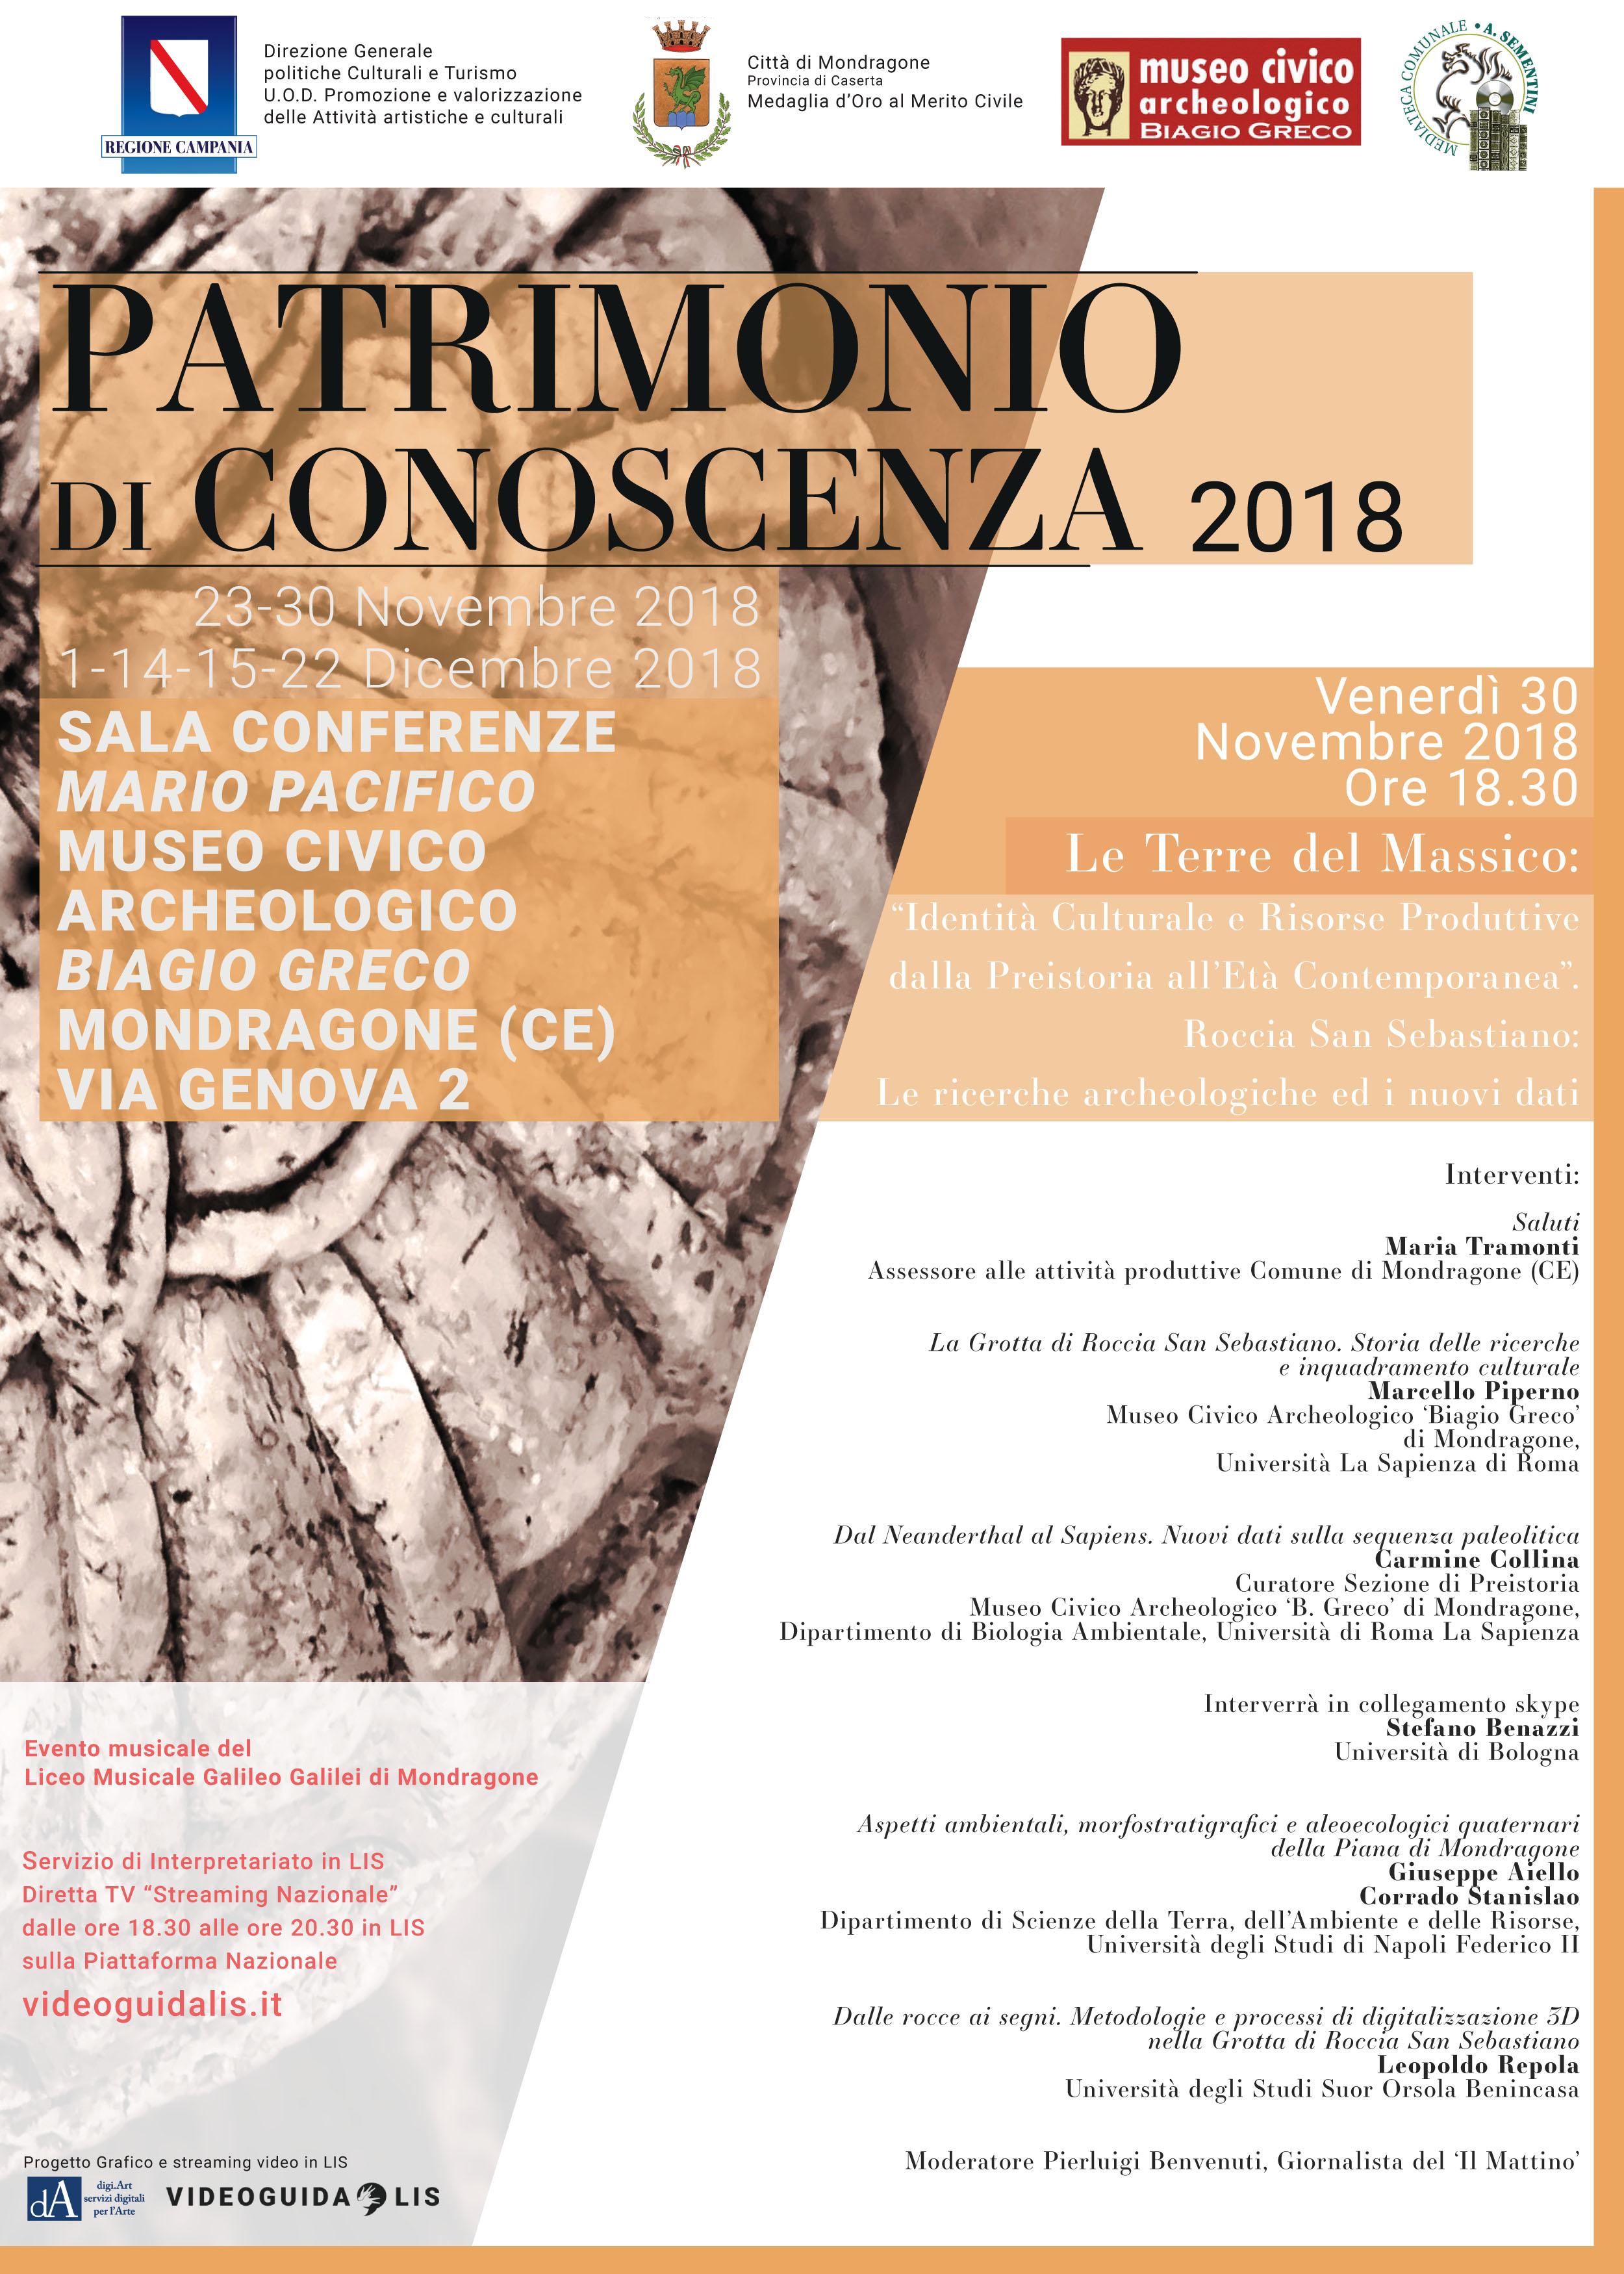 Patrimonio di Conoscenza 2018 locandina 2